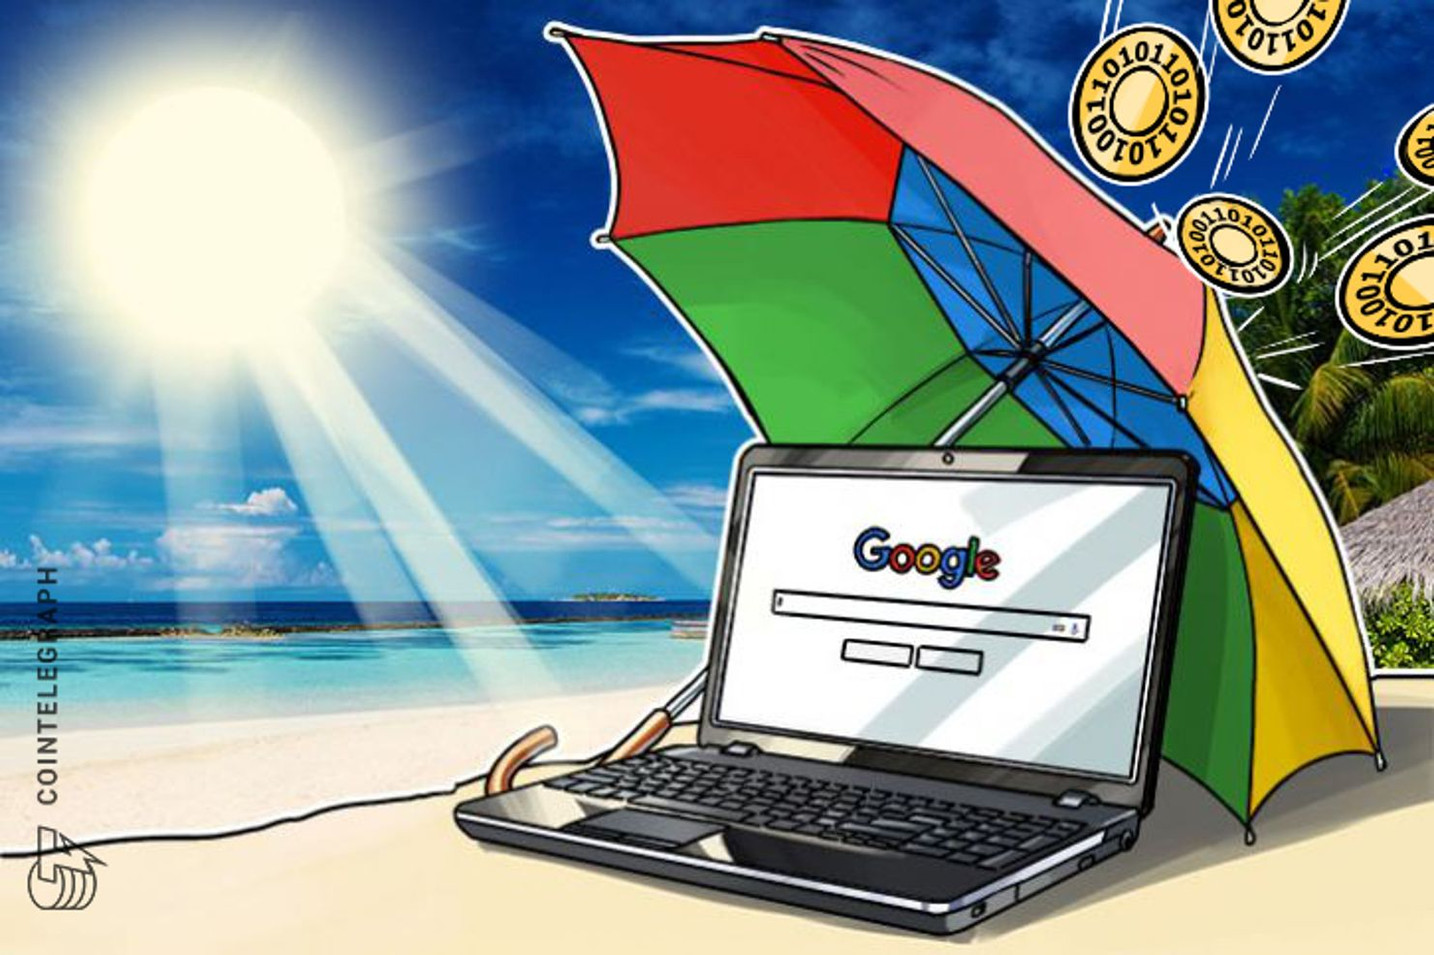 グーグルが密かに仮想通貨の広告を解禁? 米レディットの利用者が指摘